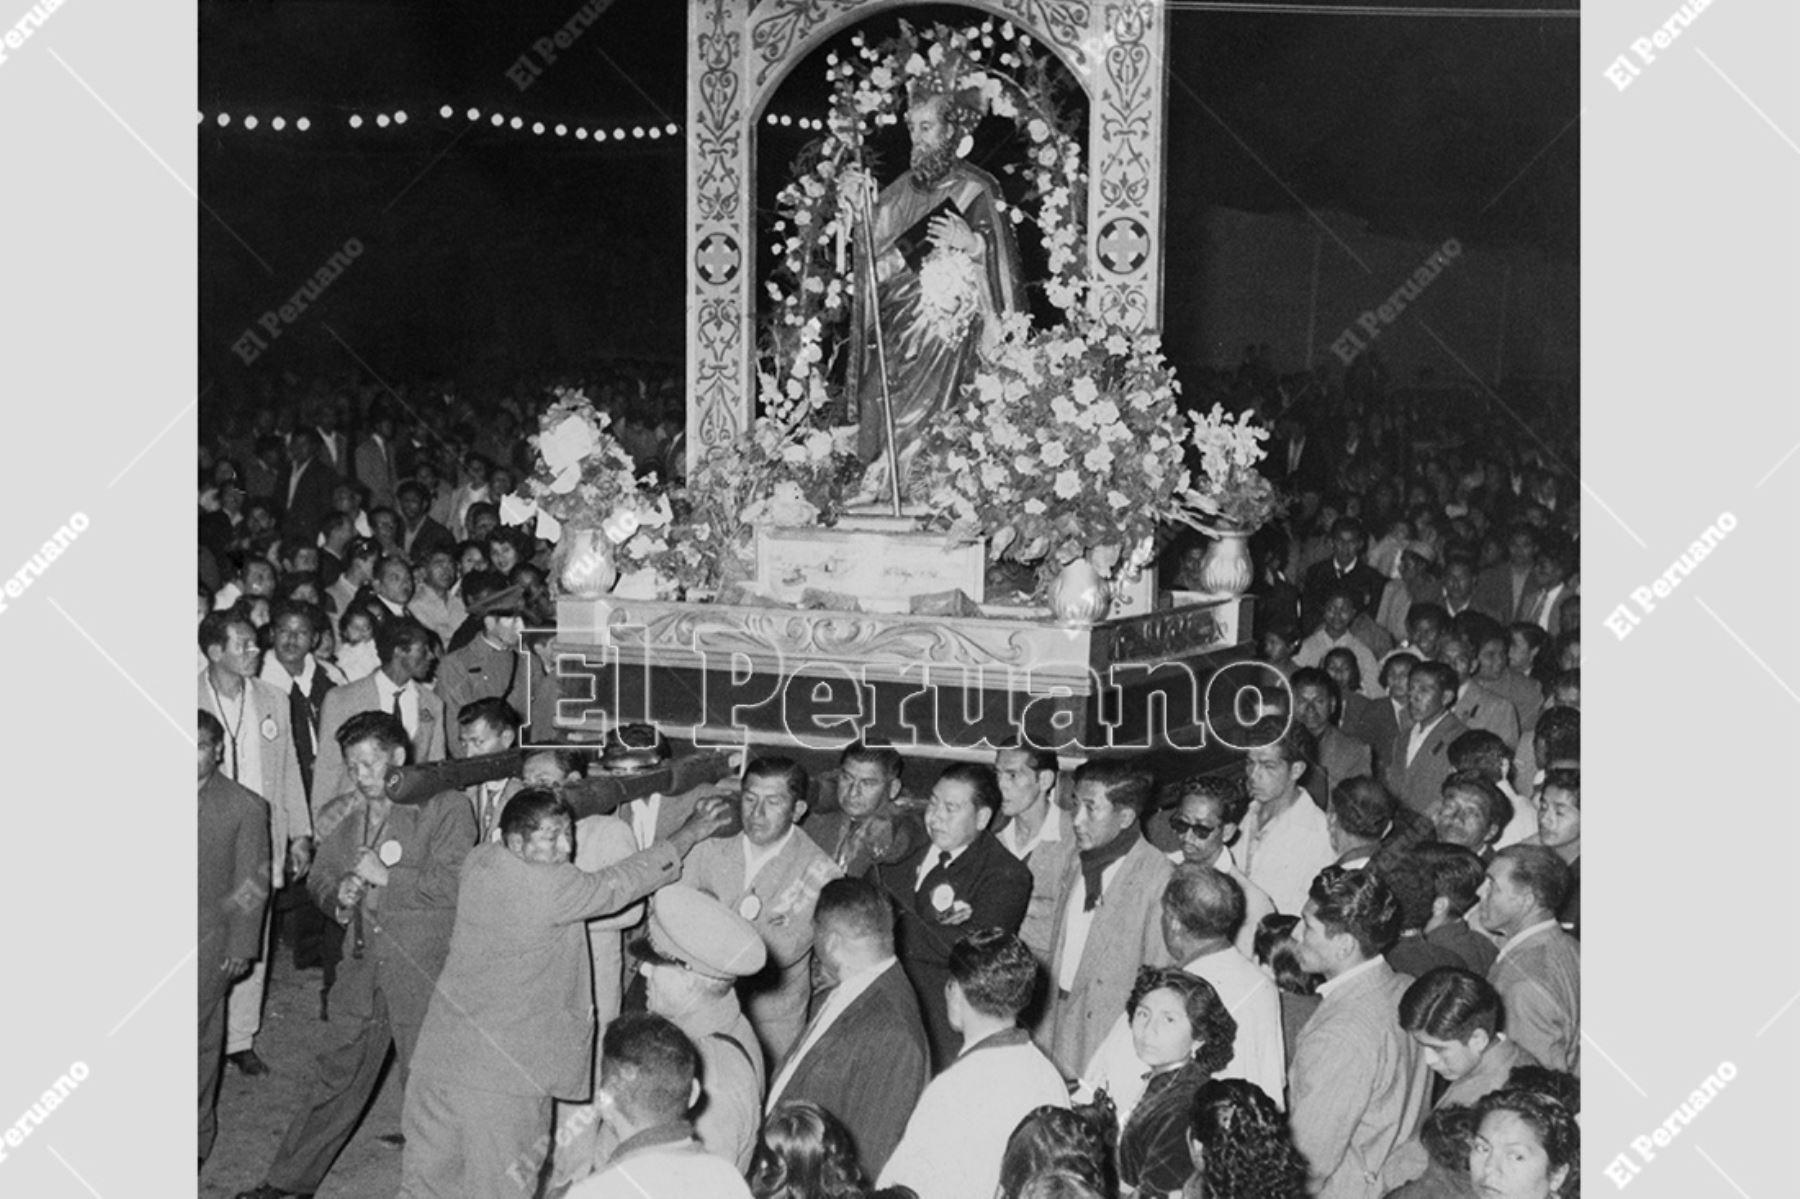 Callao - 29 junio 1955  / Procesión de San Pedro en el Callao.   Foto: Archivo Histórico de El Peruano / Alejandro Meza